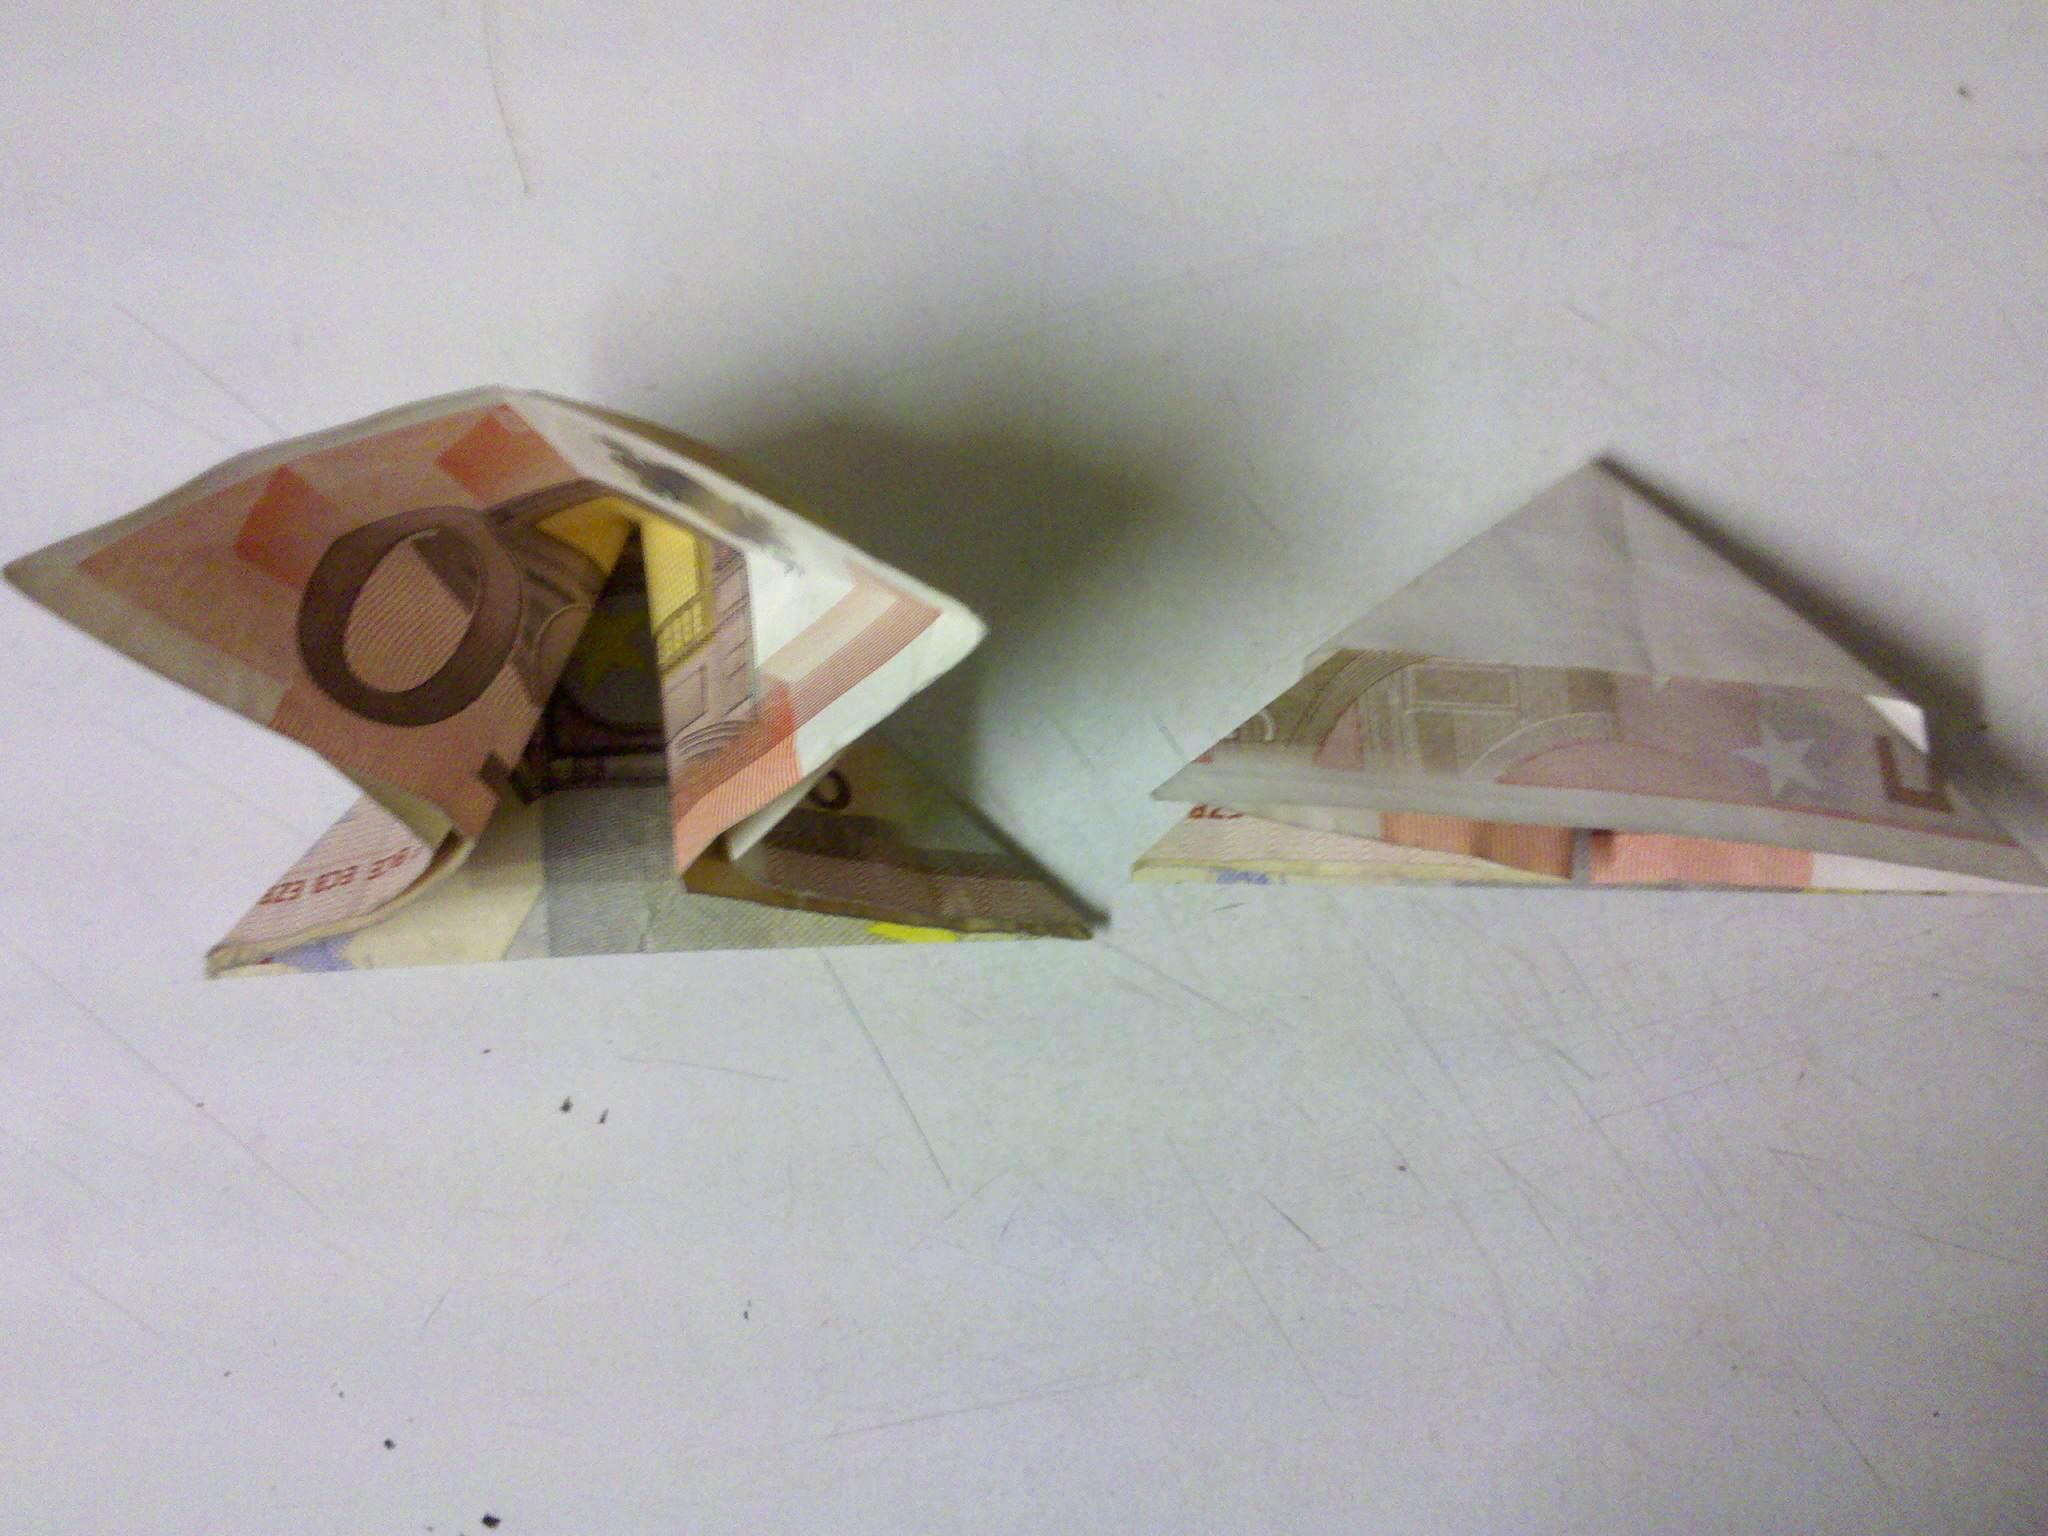 Fisch Aus Einem Geldschein Falten Origami Mit Geldscheinen